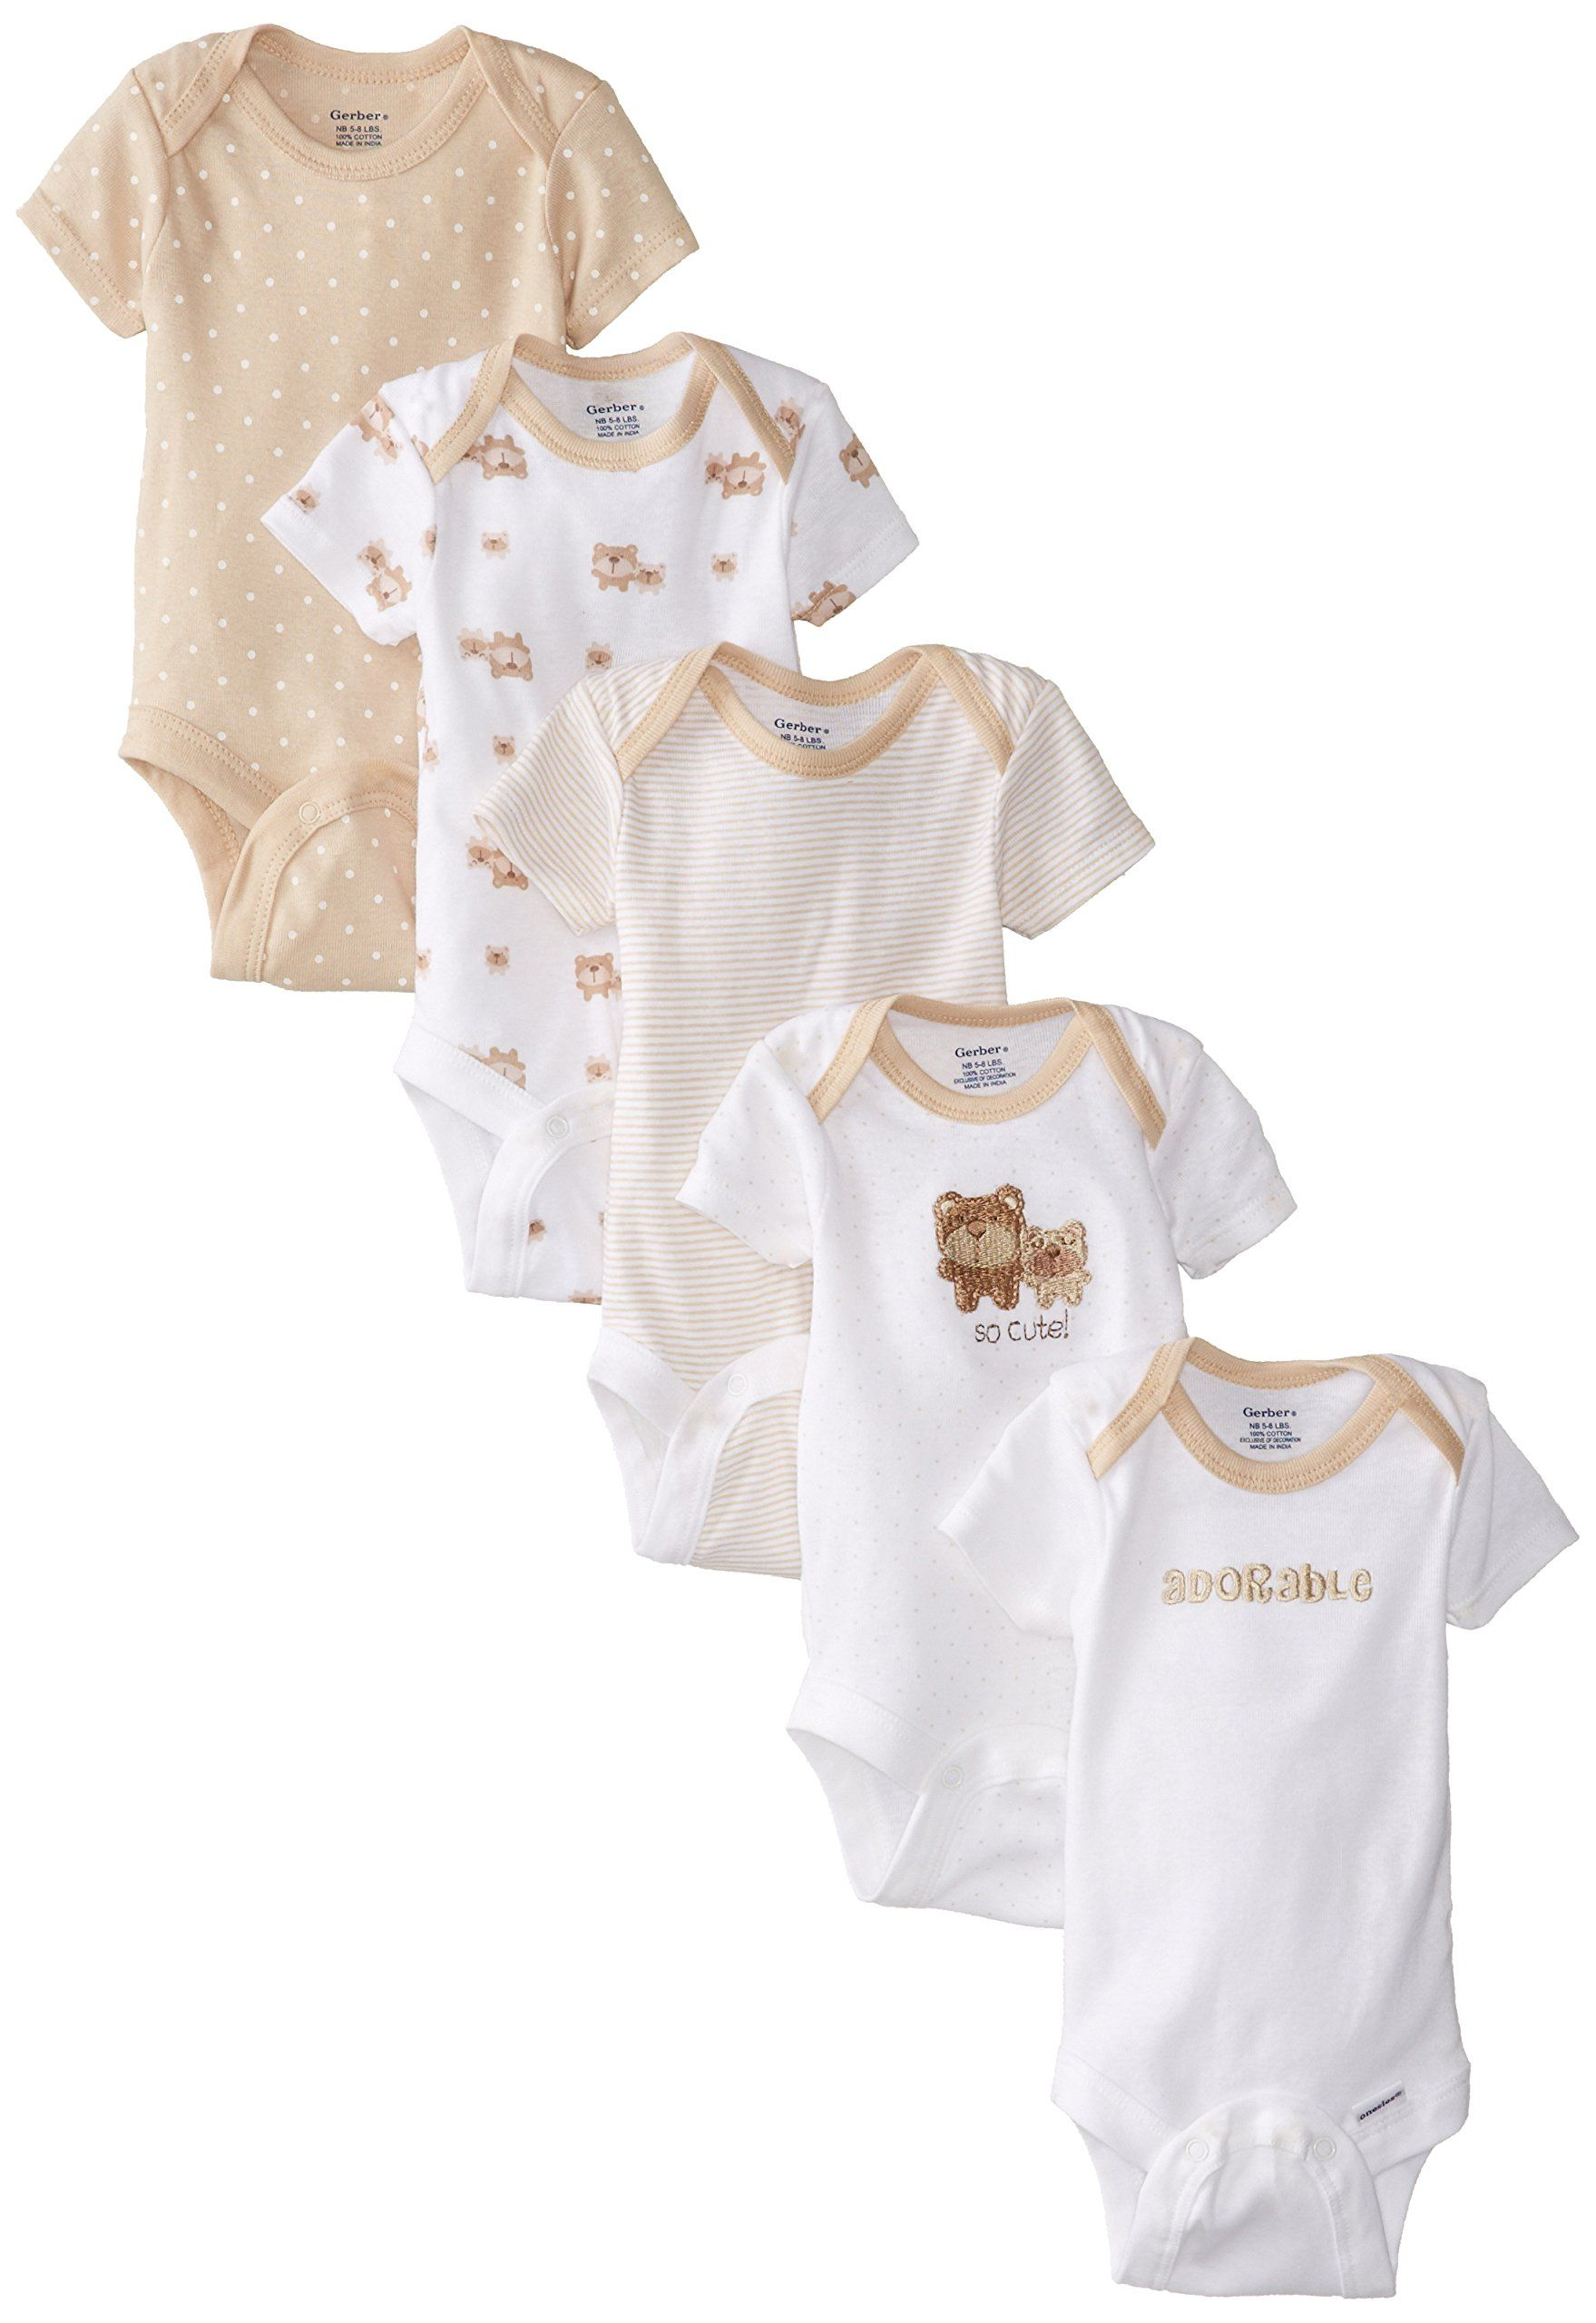 Gerber Unisex Baby Newborn 5 Pack Neutral Variety Onesie